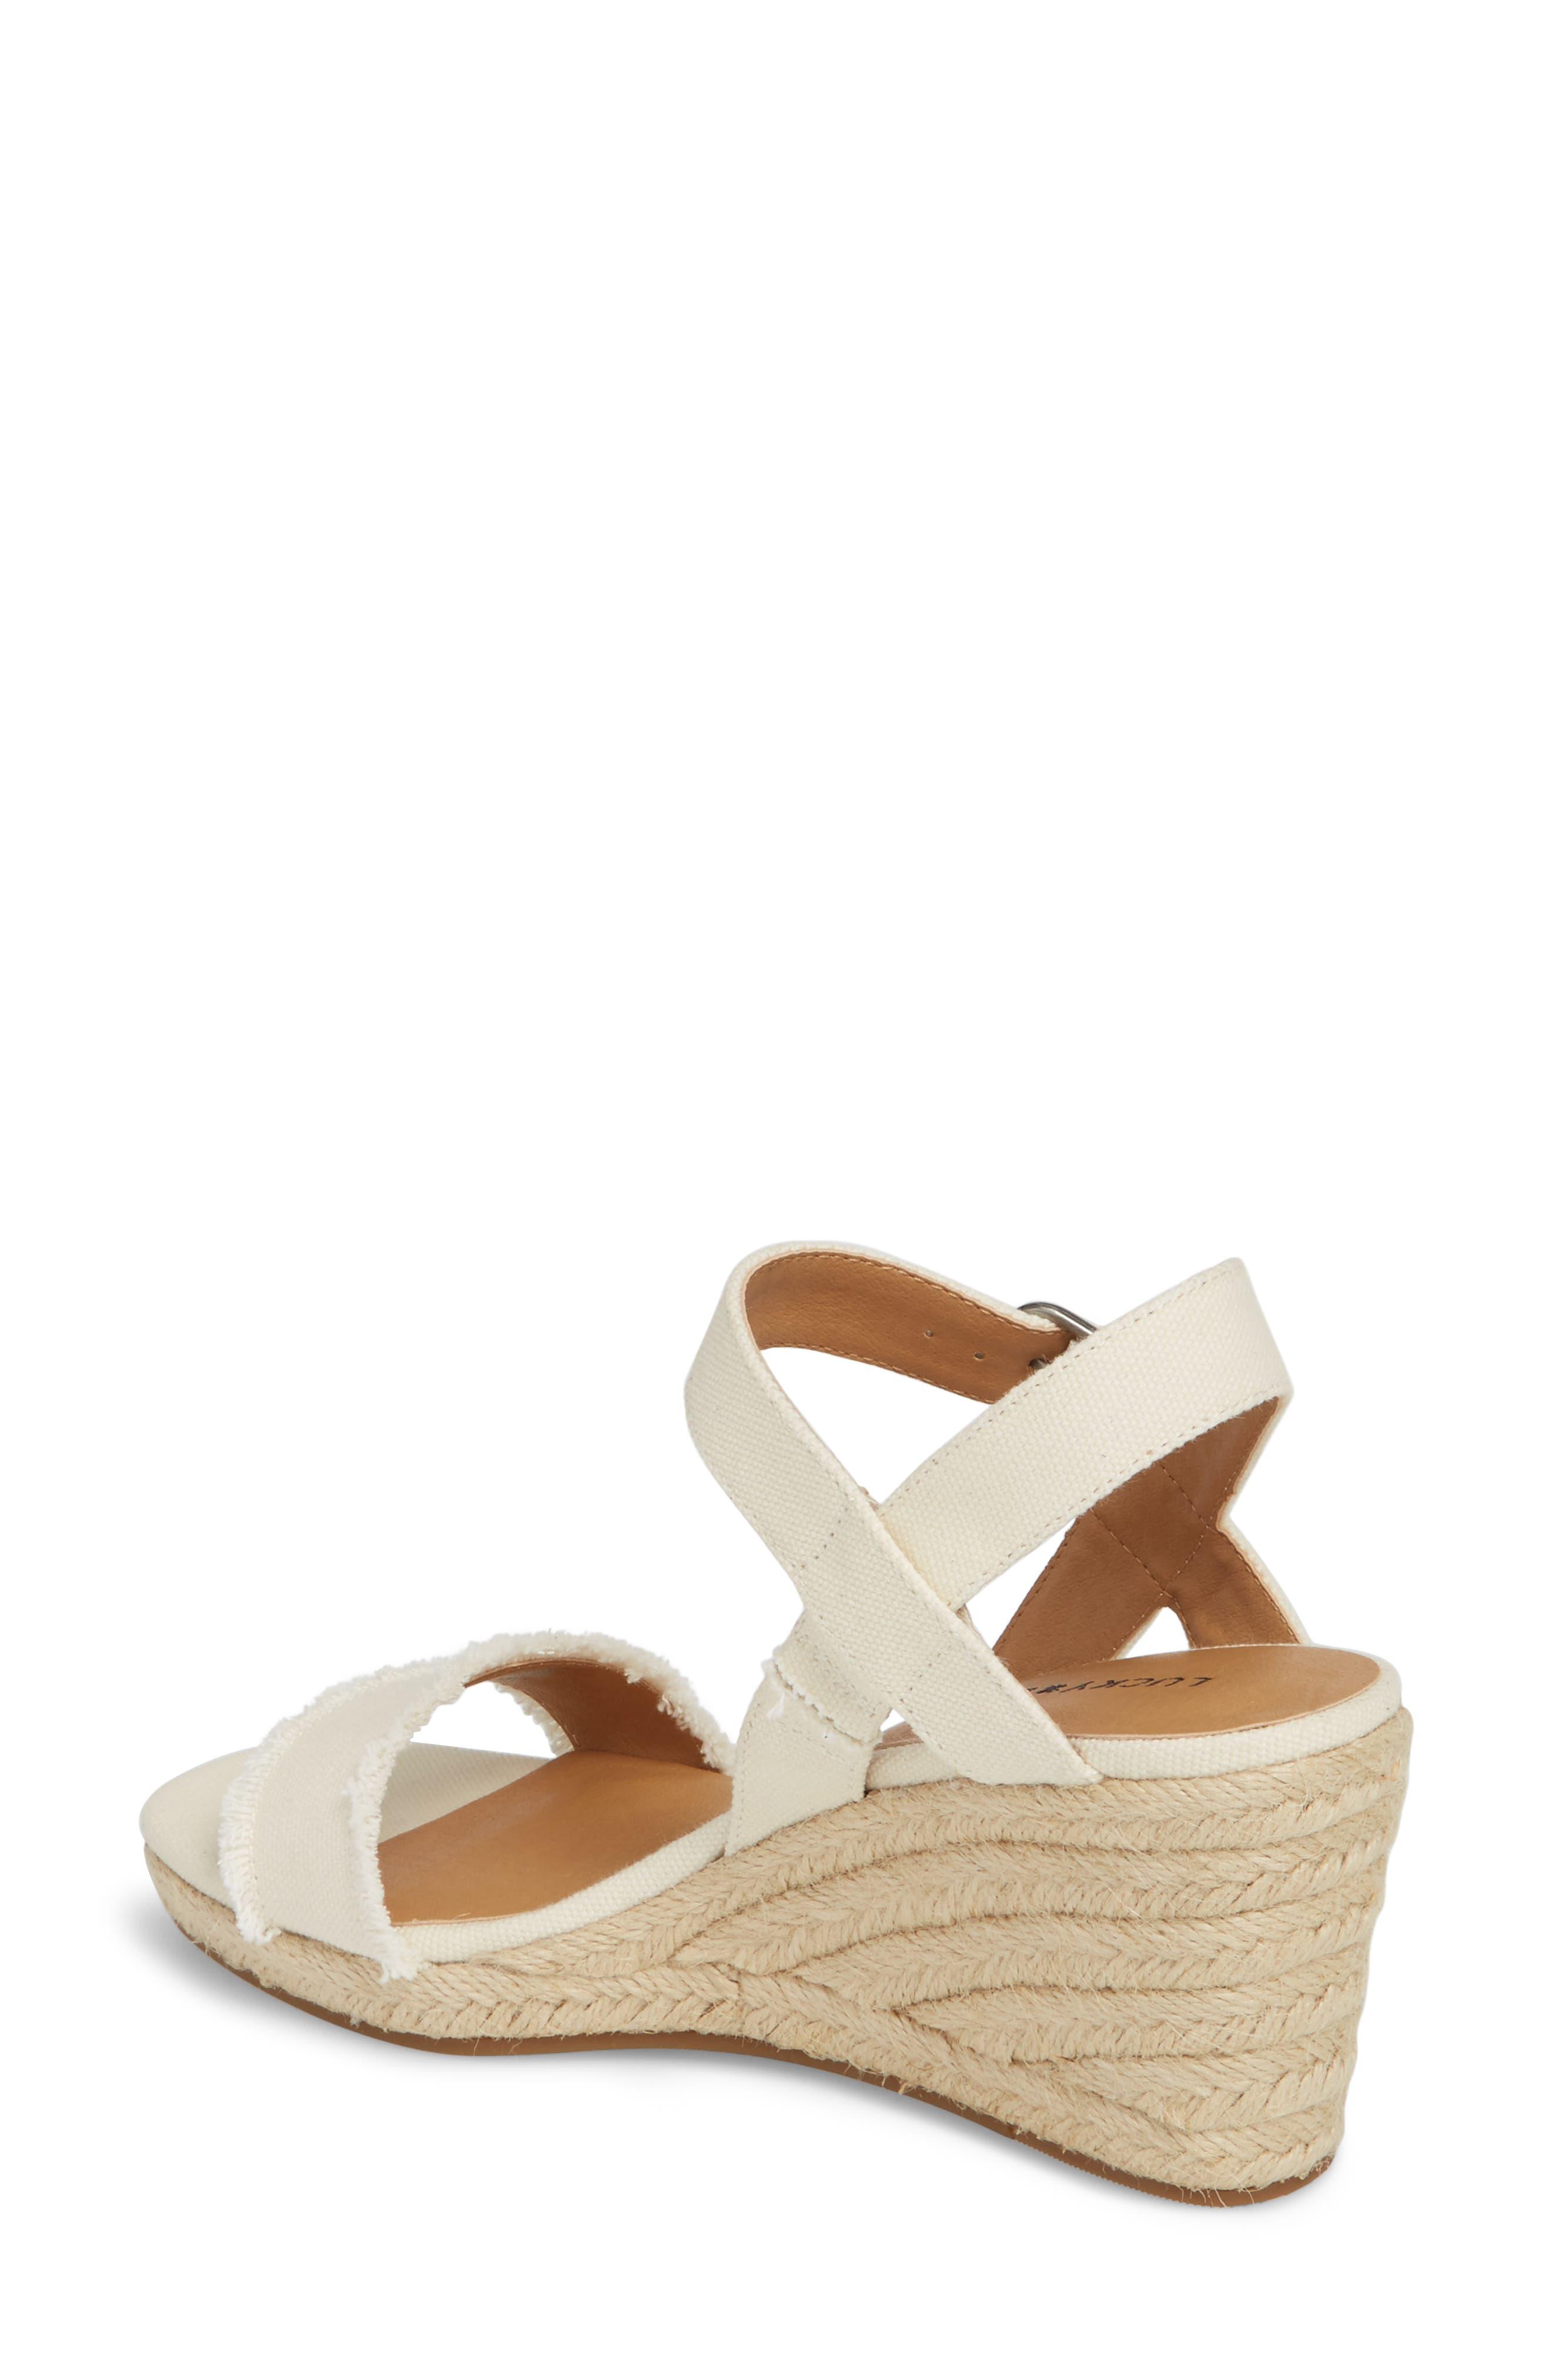 Alternate Image 2  - Lucky Brand Marceline Squared Toe Wedge Sandal (Women)